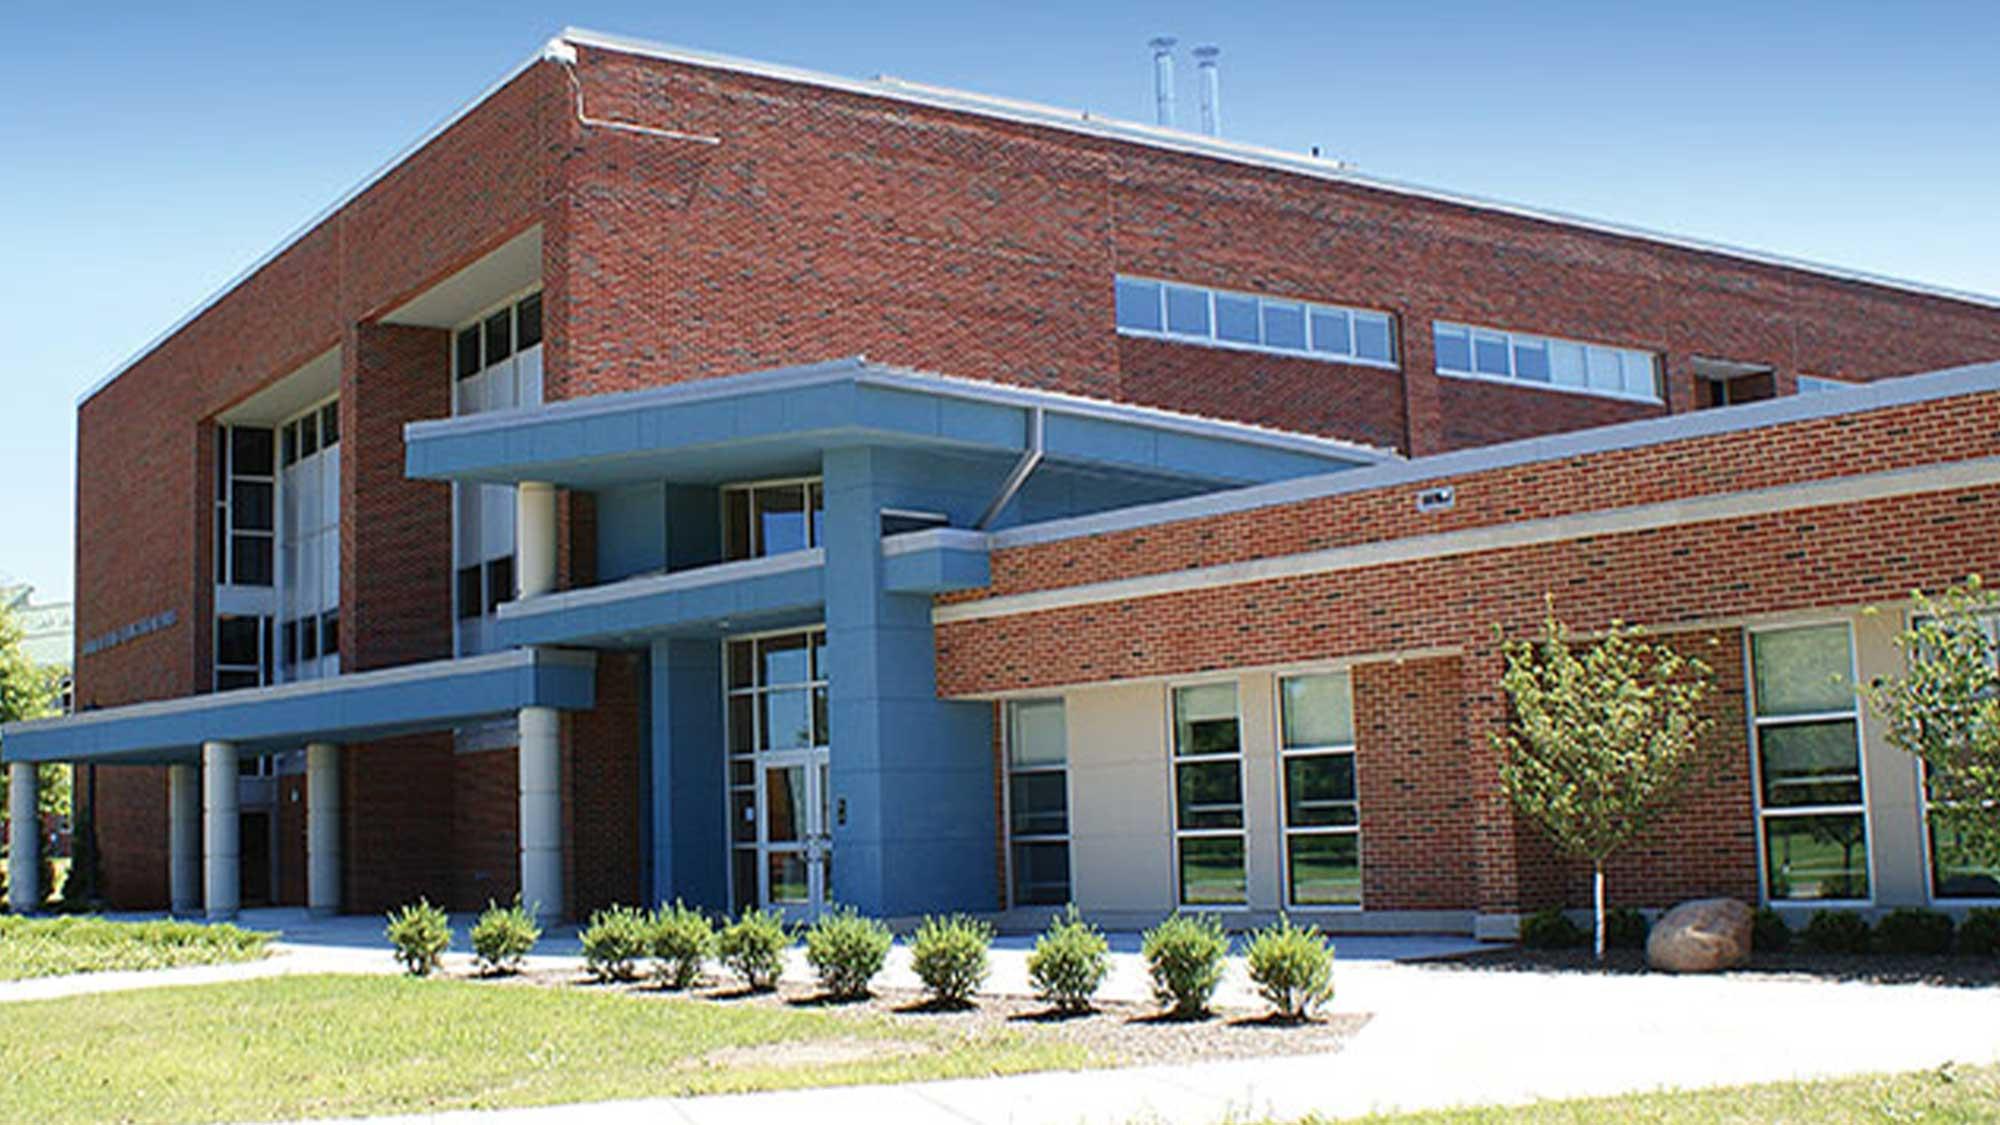 Butterfeild Hall, Edinboro University